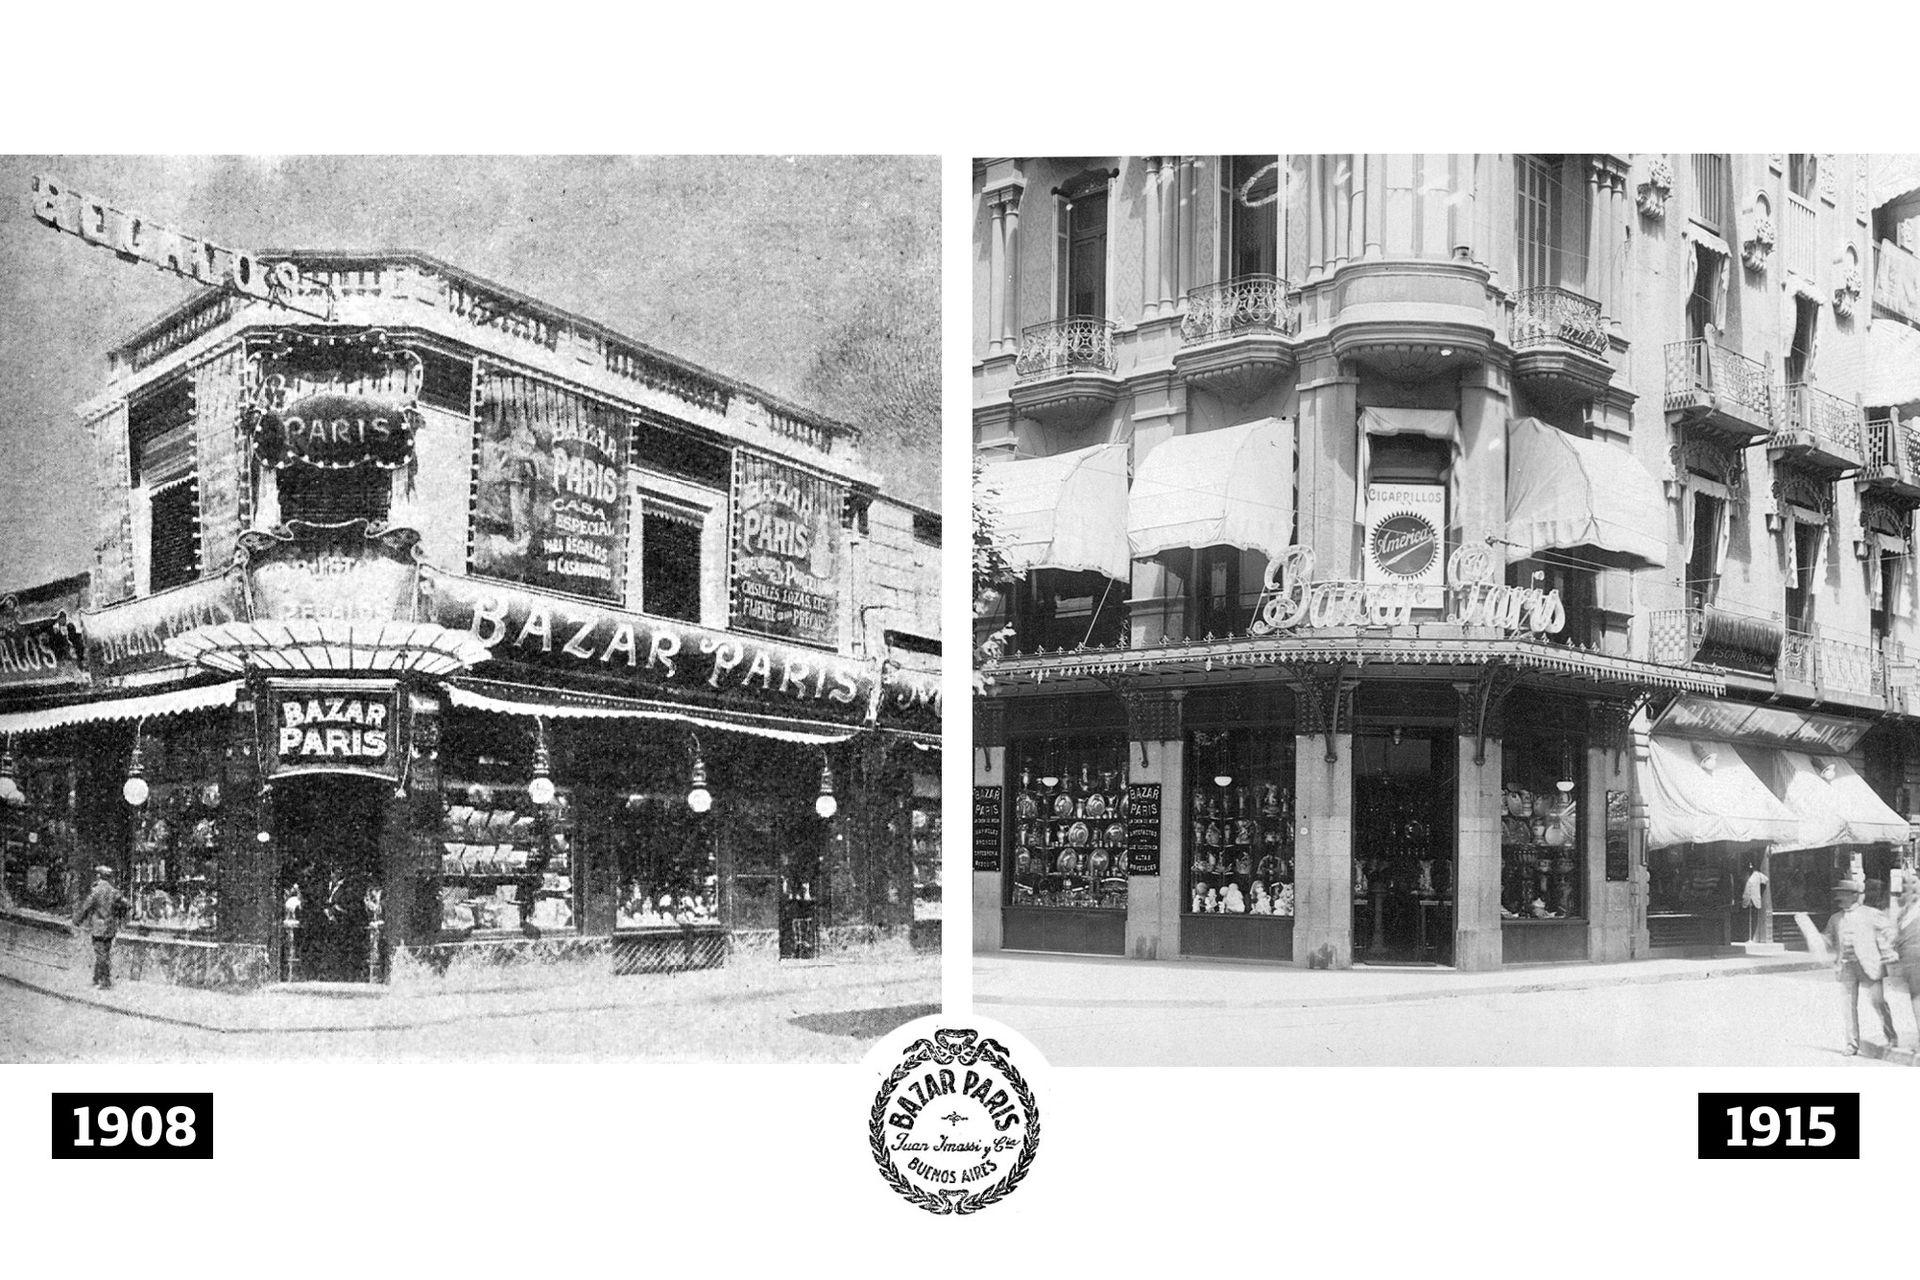 Las dos esquinas y momentos del Bazar Paris: en Hipólito Irigoyen al 700, y, más tarde, en Av. de Mayo al 700.